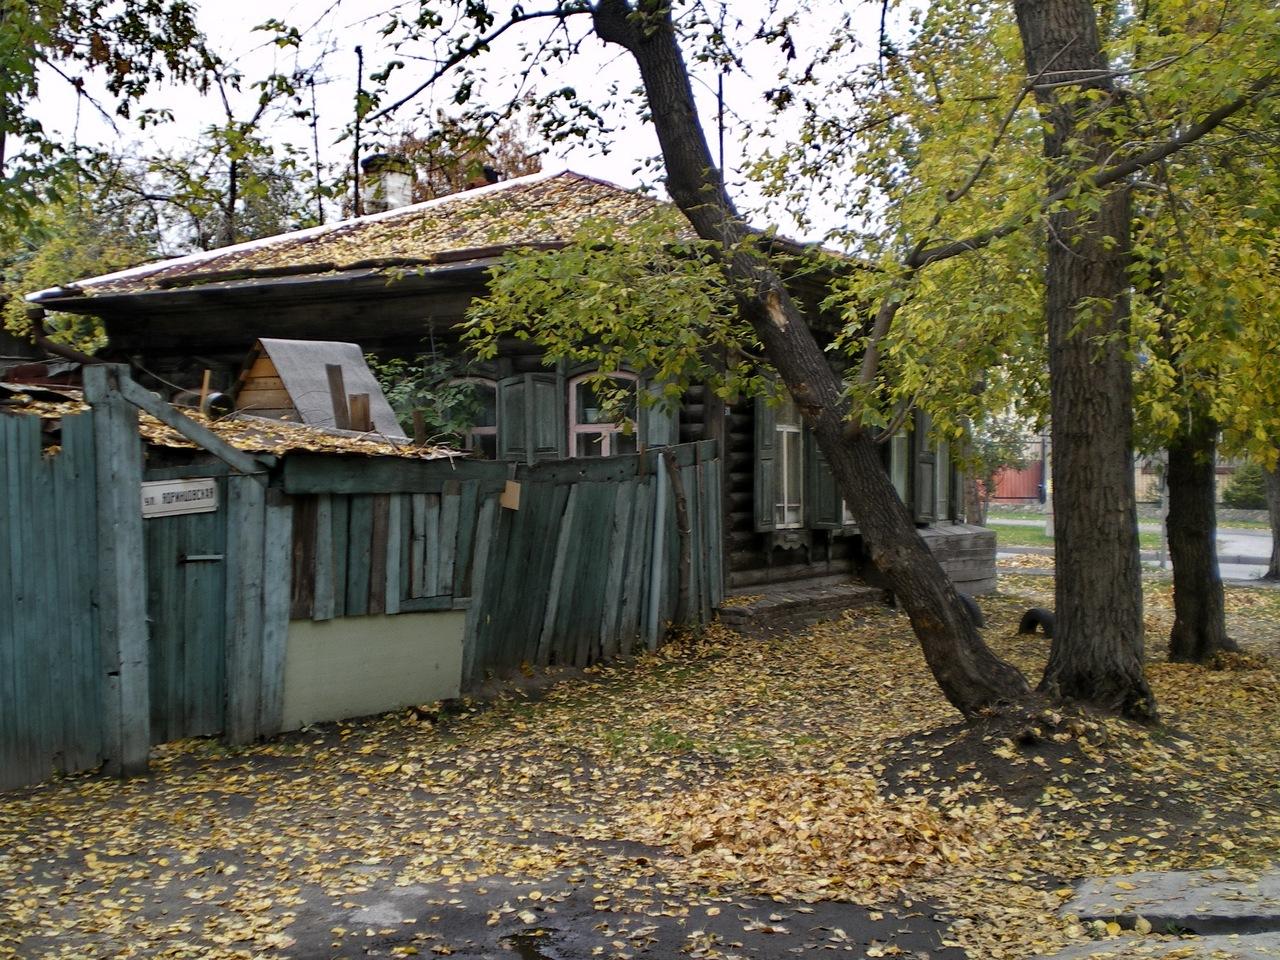 Дом Янки Дягилевой по адресу ул. Ядринцевская, 61, Новосибирск. Фото Николая Мельника.